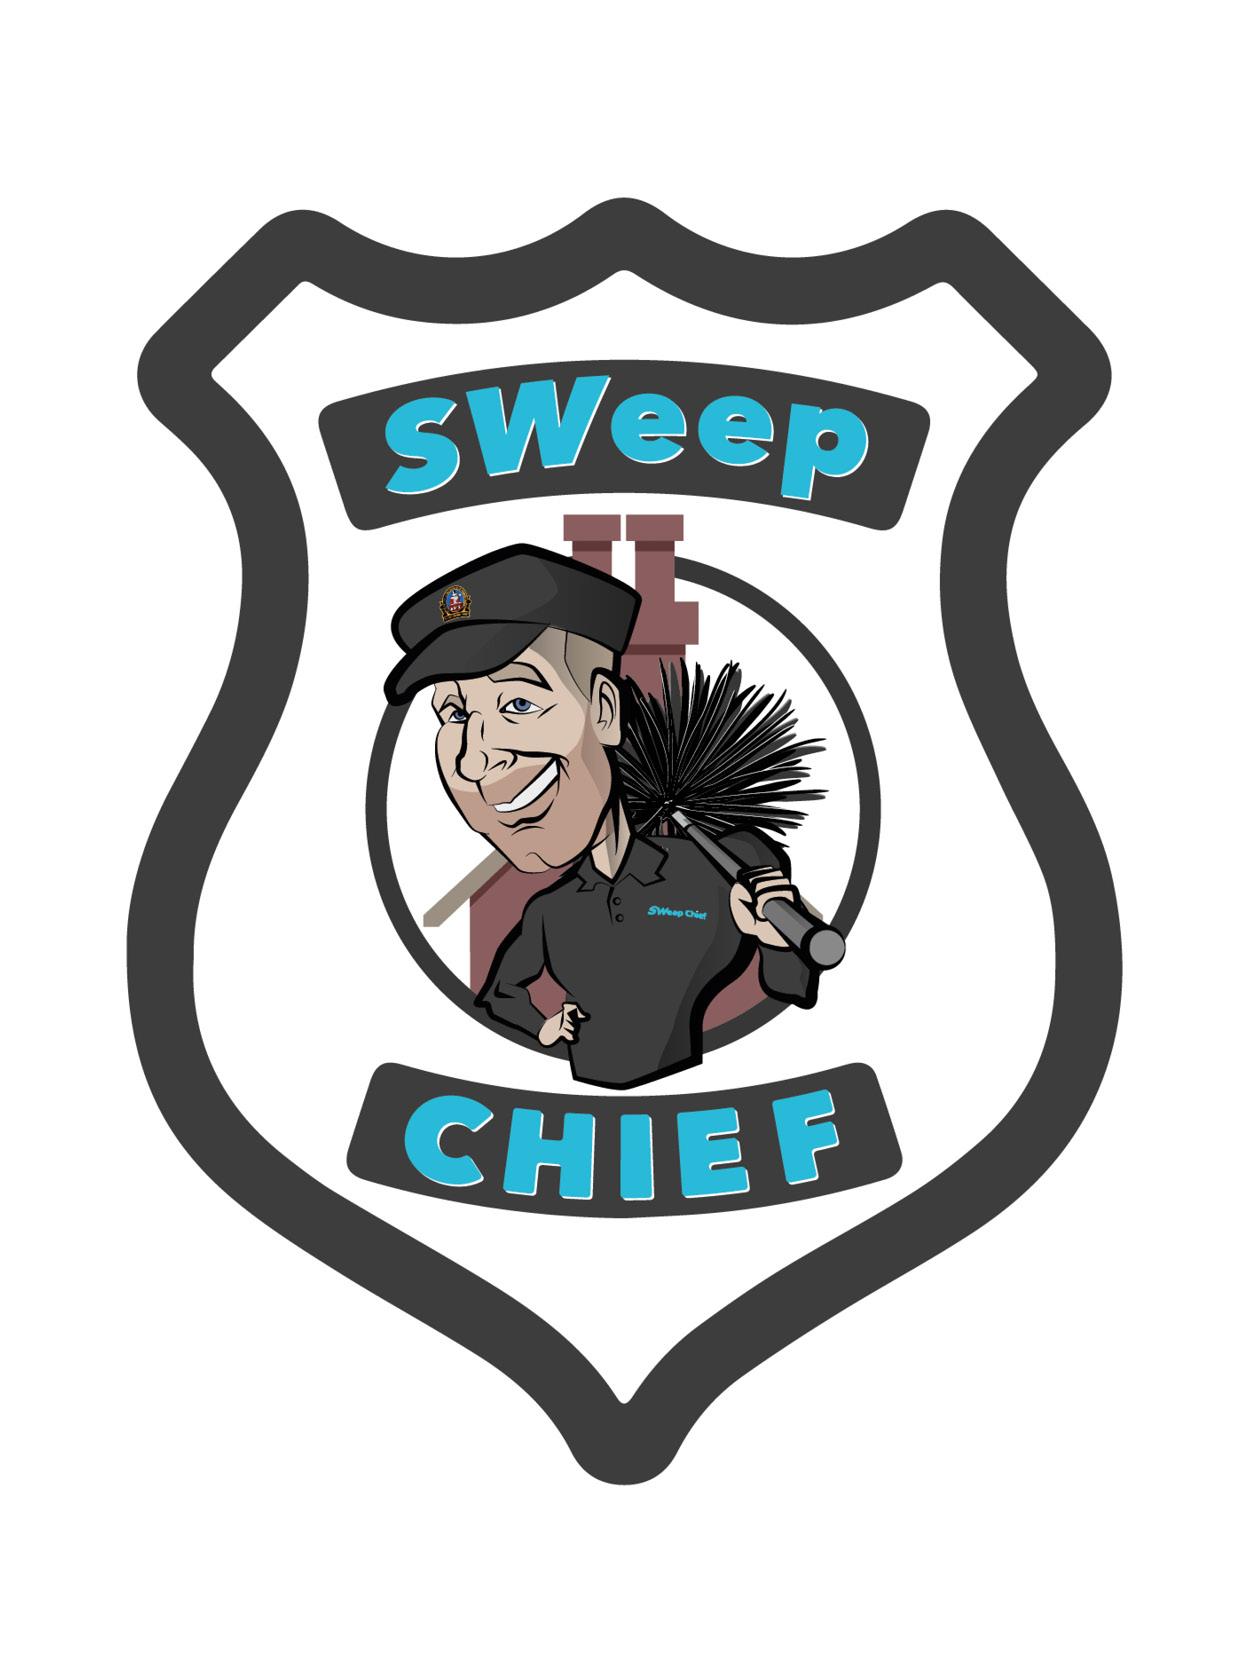 SWeep Chief